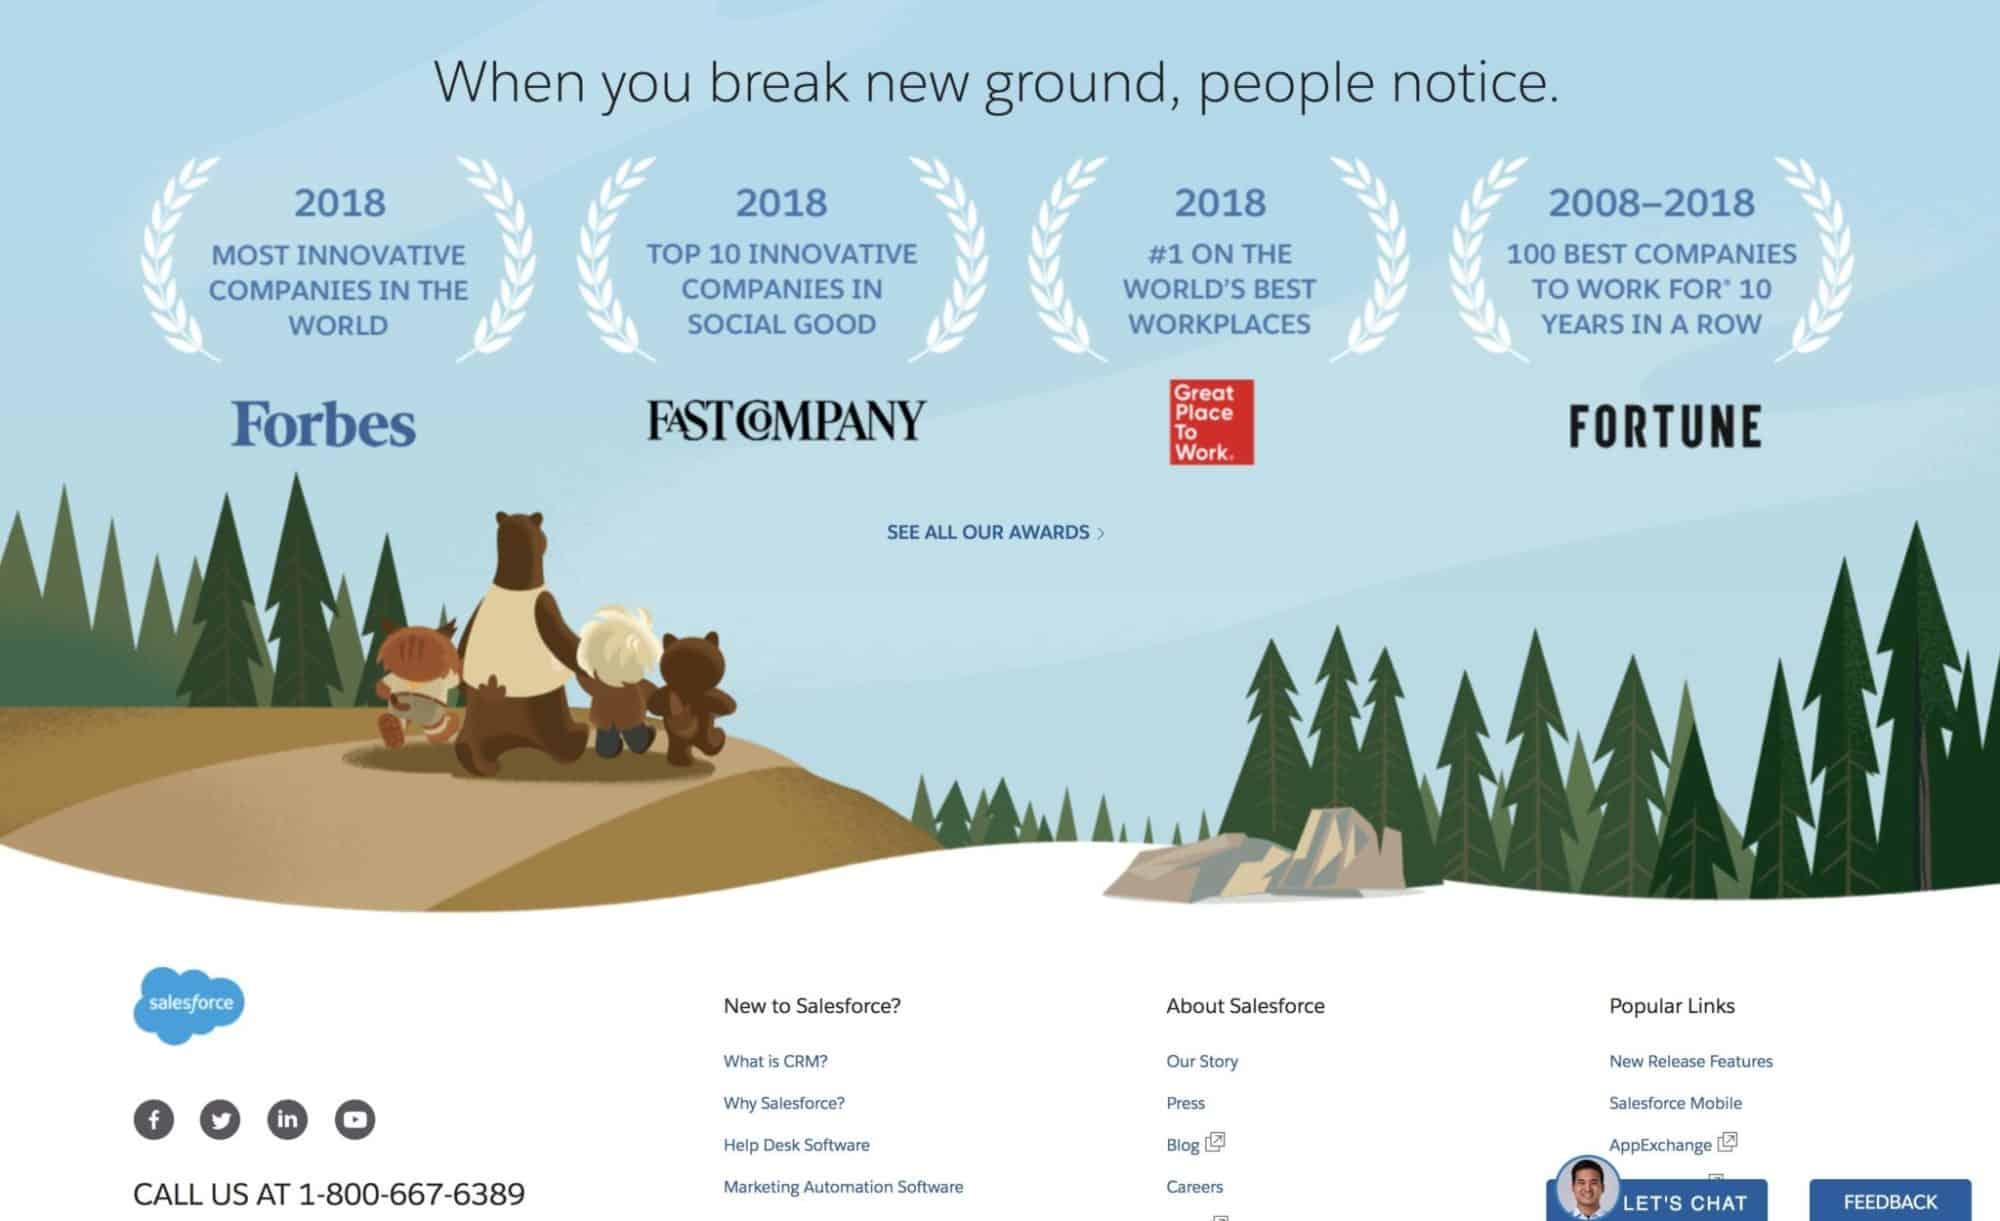 Salesforce website design inspiration - footer design